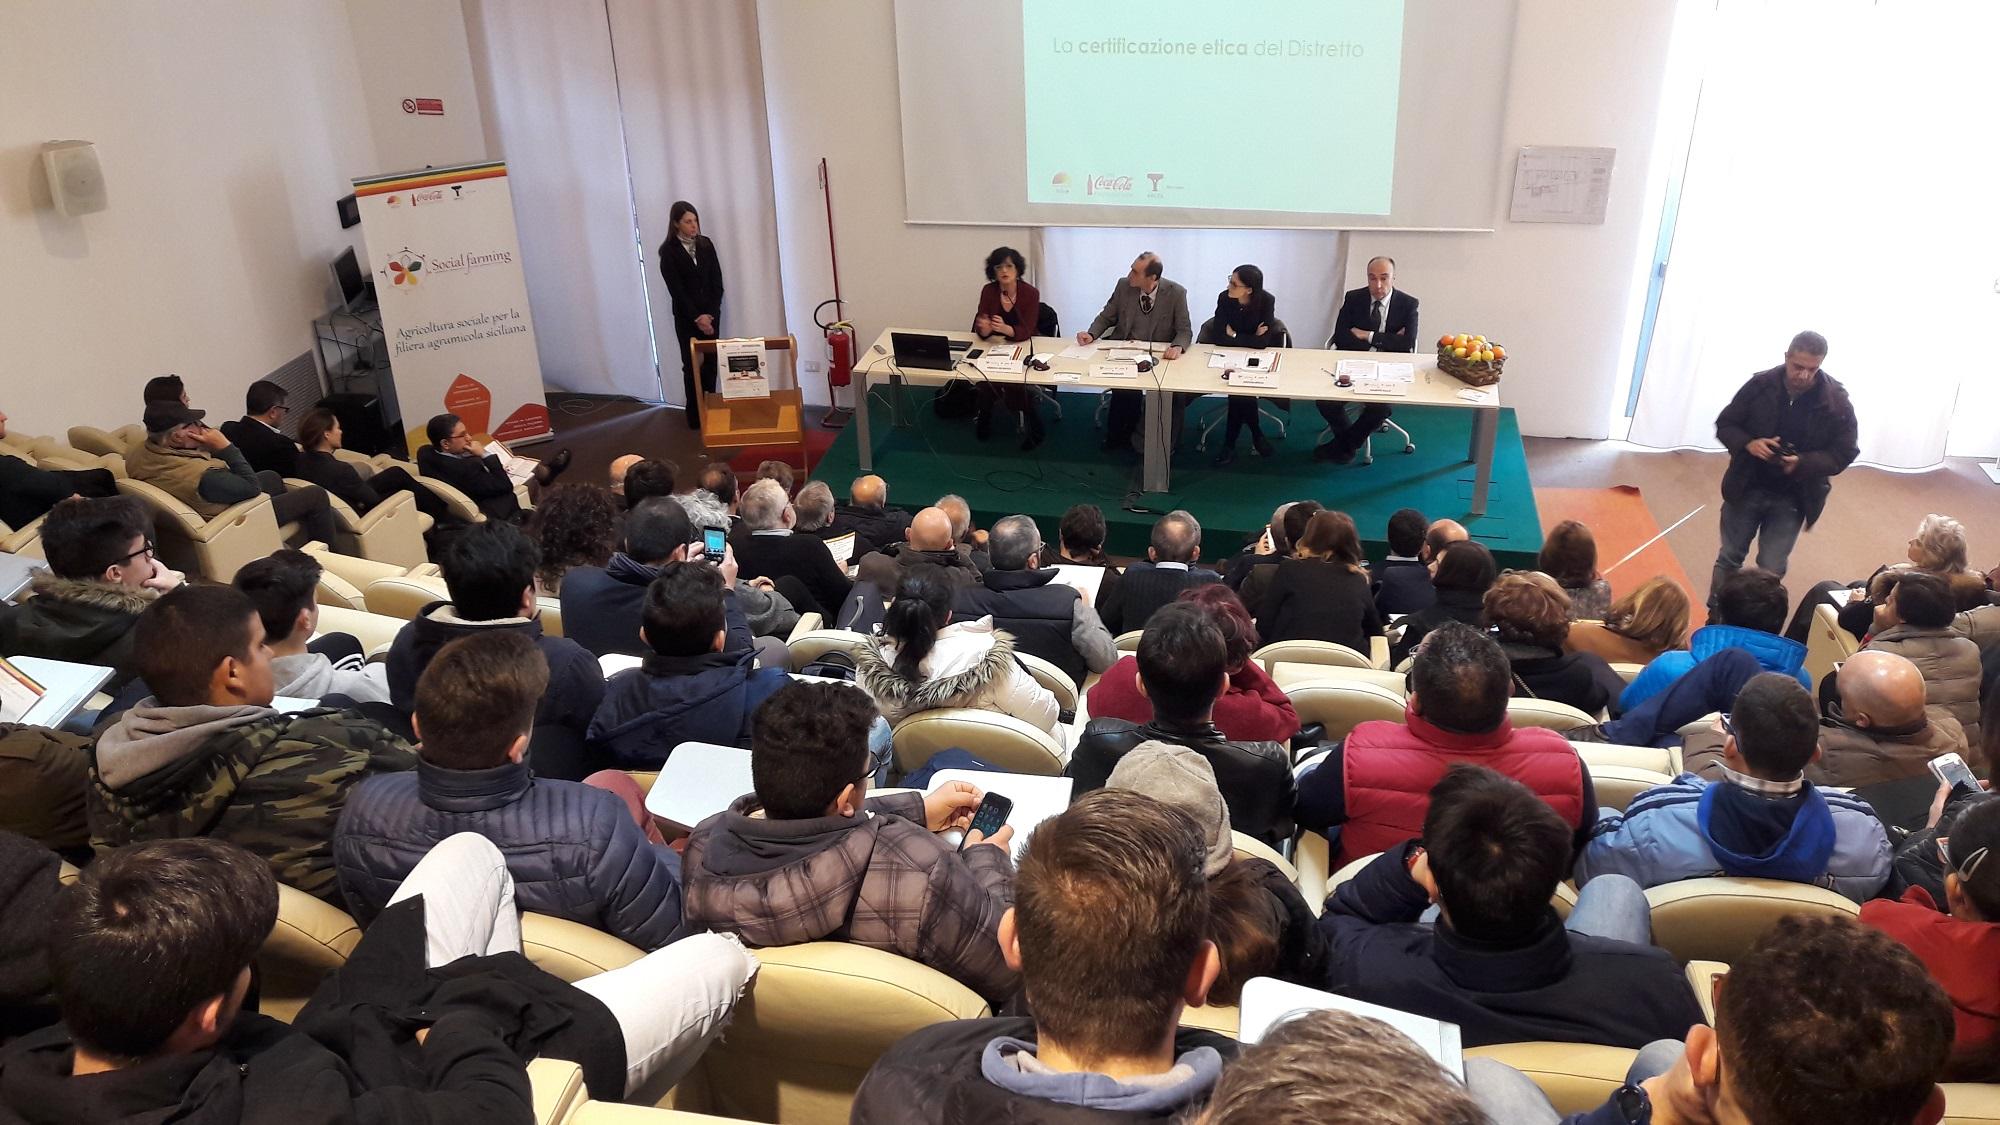 Social Farming_conferenza stampa presentazione